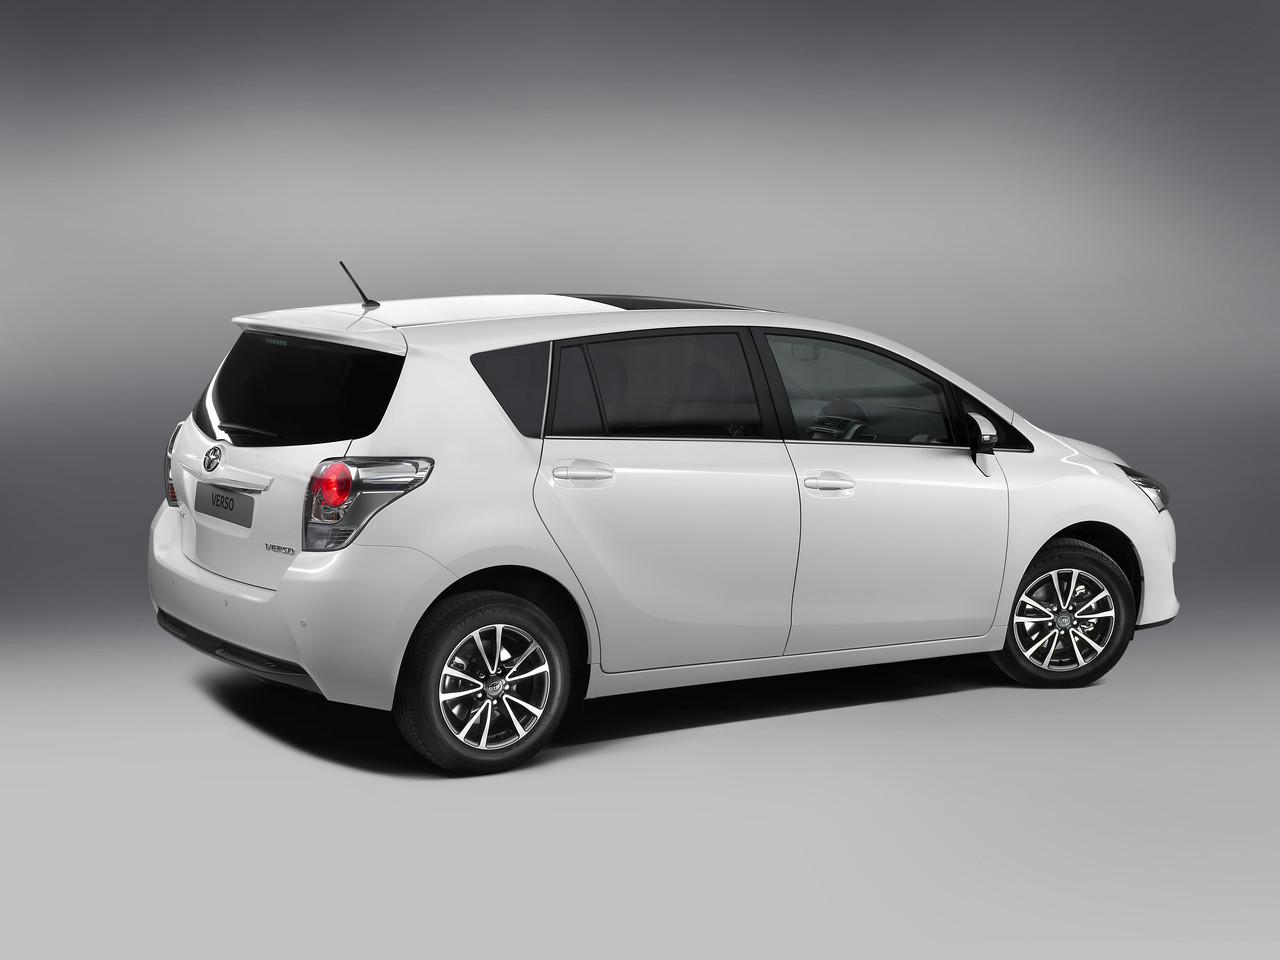 Foto de Toyota Verso 2012 (4/10)